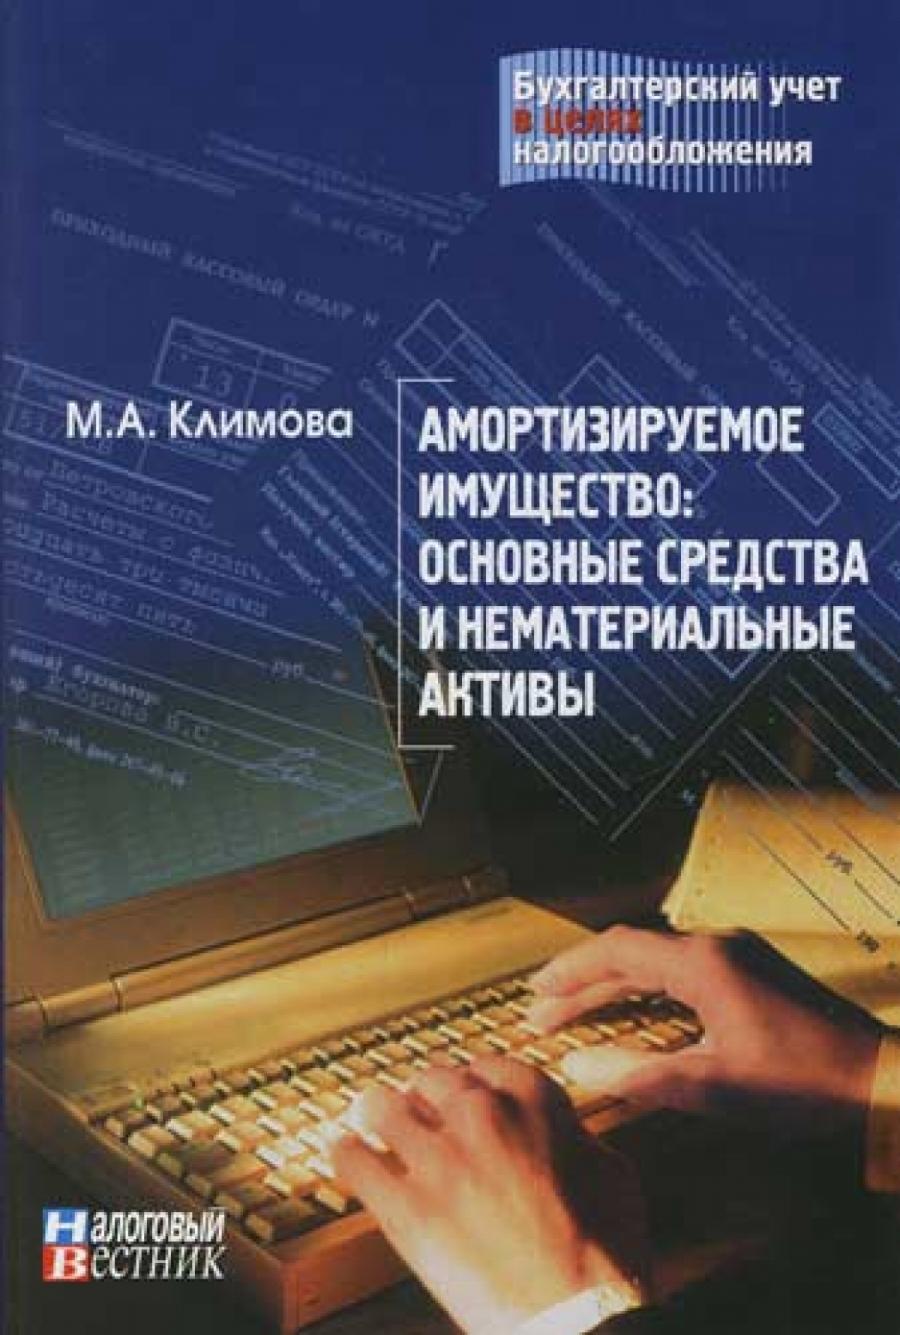 Обложка книги:  климова м. а. - амортизируемое имущество. основные средства и нематериальные активы